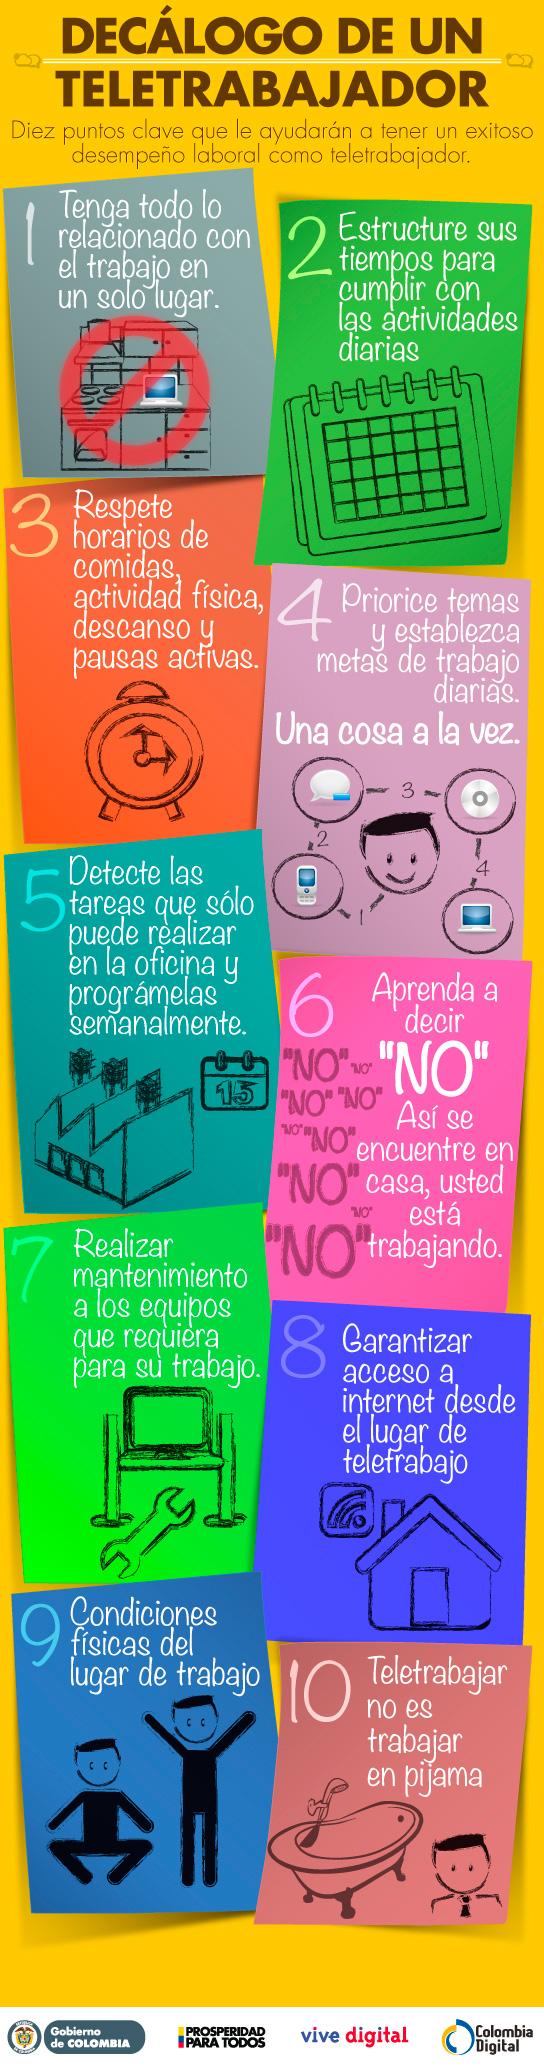 10 consejos para un teletrabajador